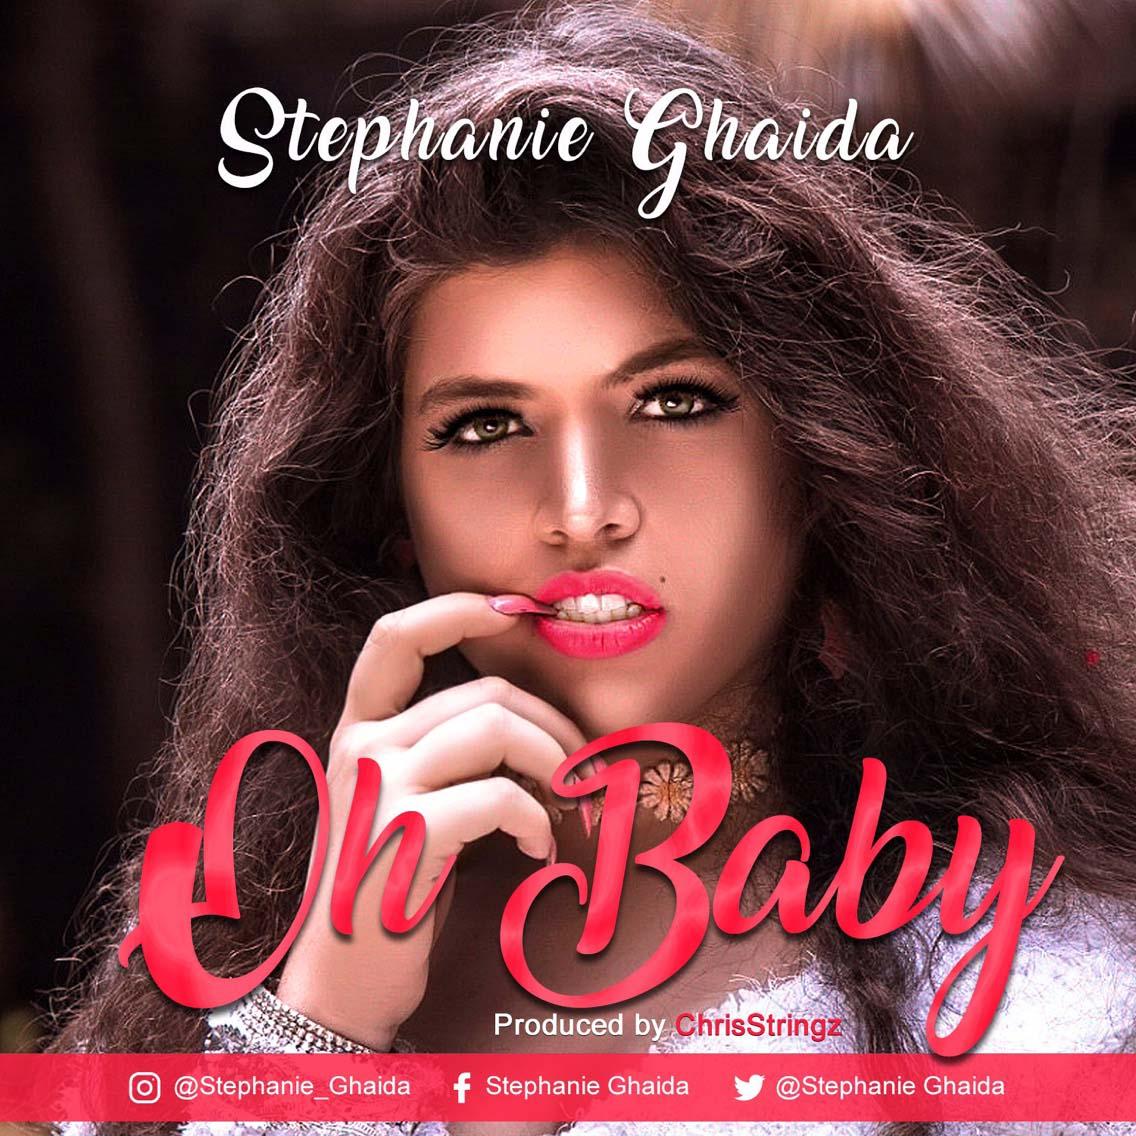 Stephanie Ghaida